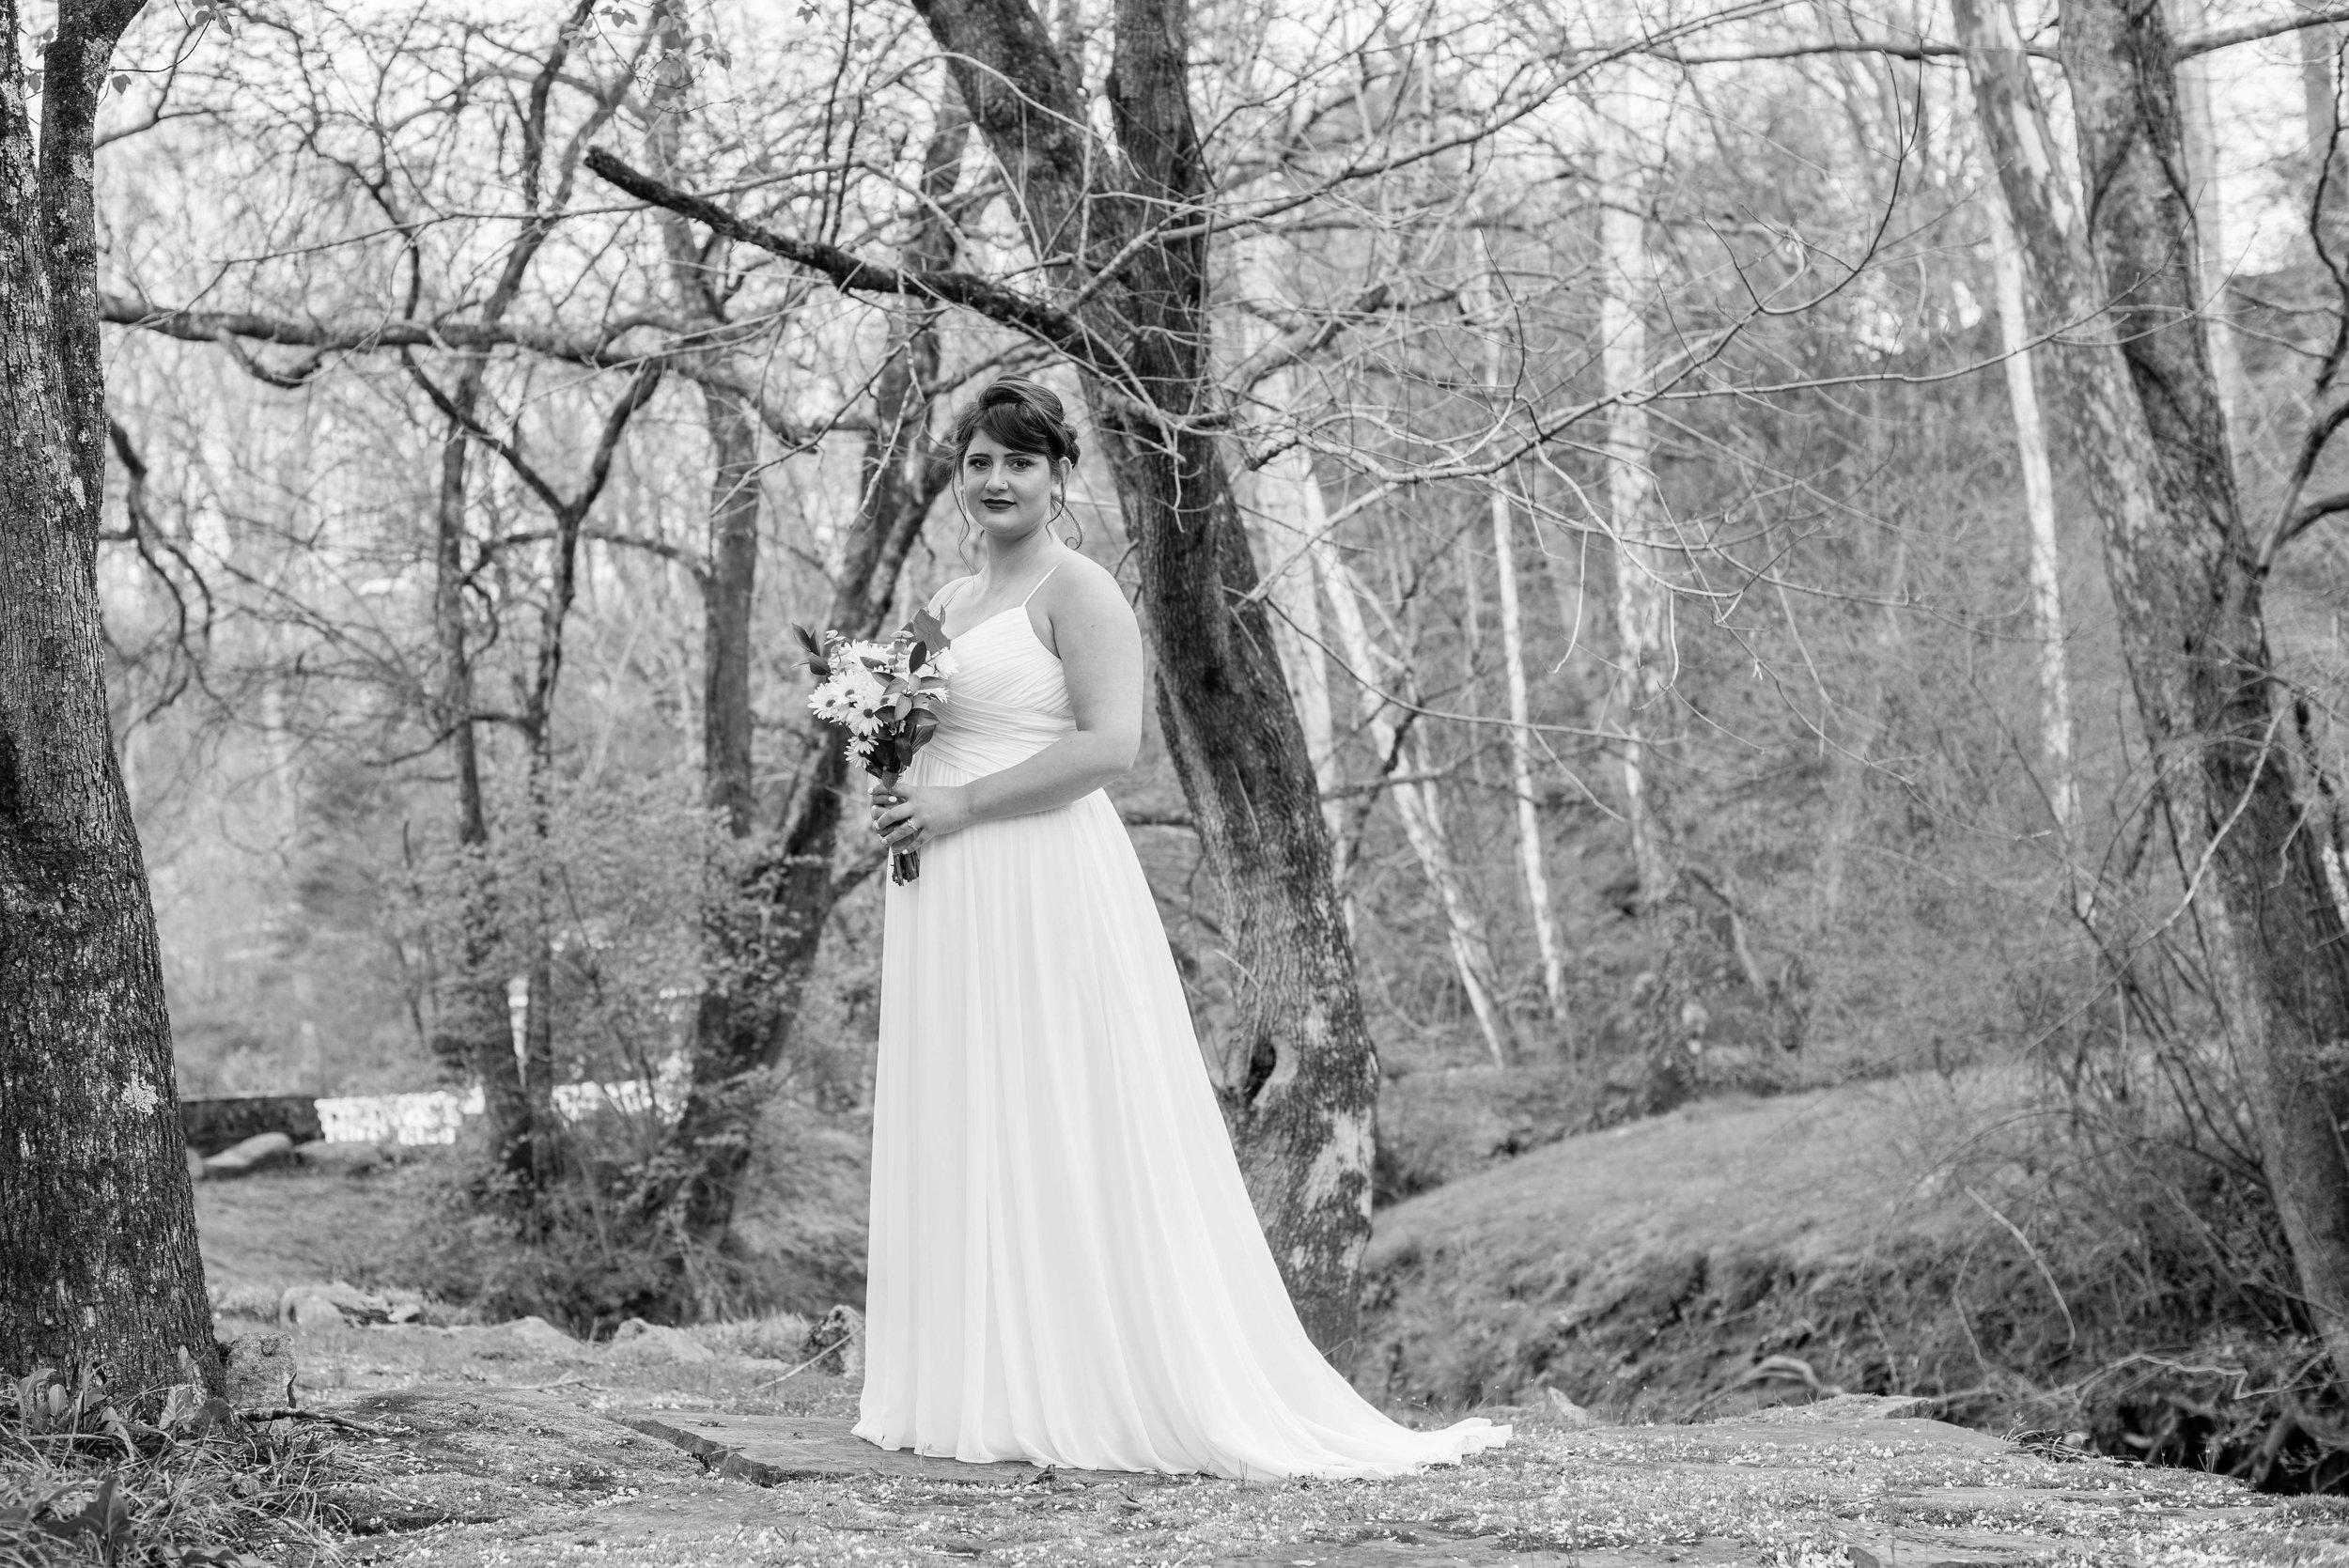 brideb&w-7.jpg